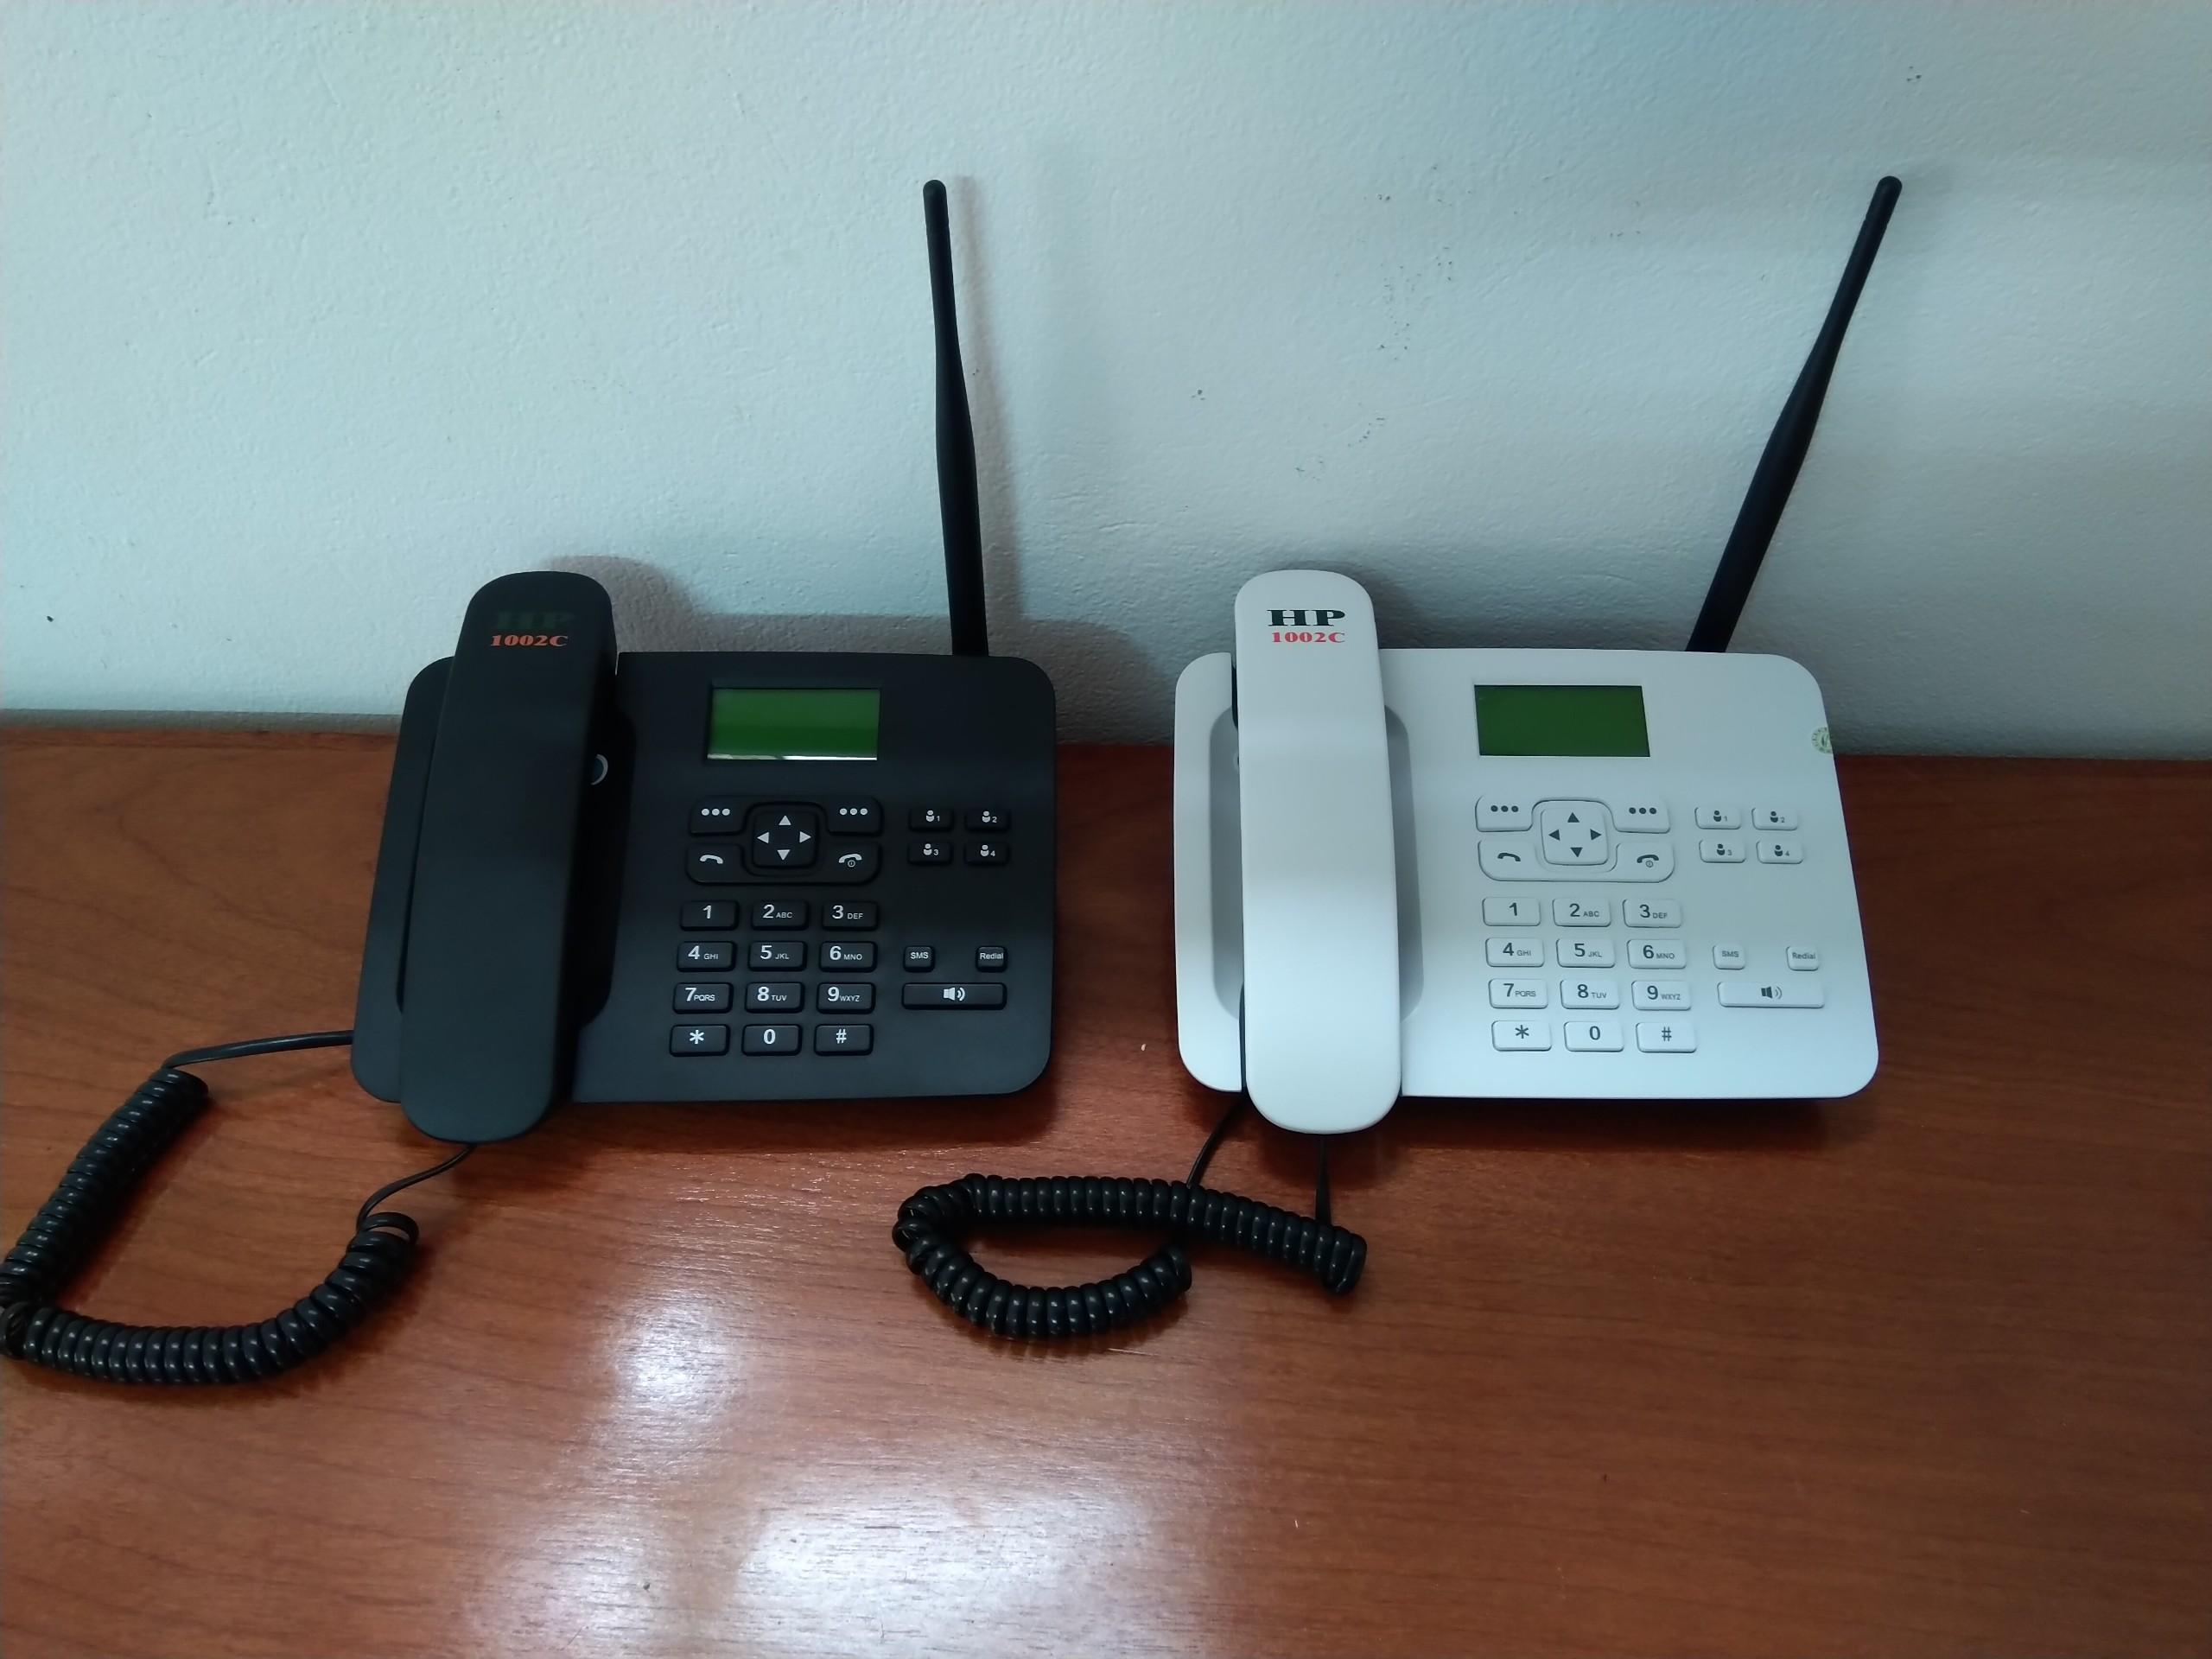 Điện thoại bàn cố định không dây lắp các loại sim cố định, di động Viettel, Mobi, Vina...